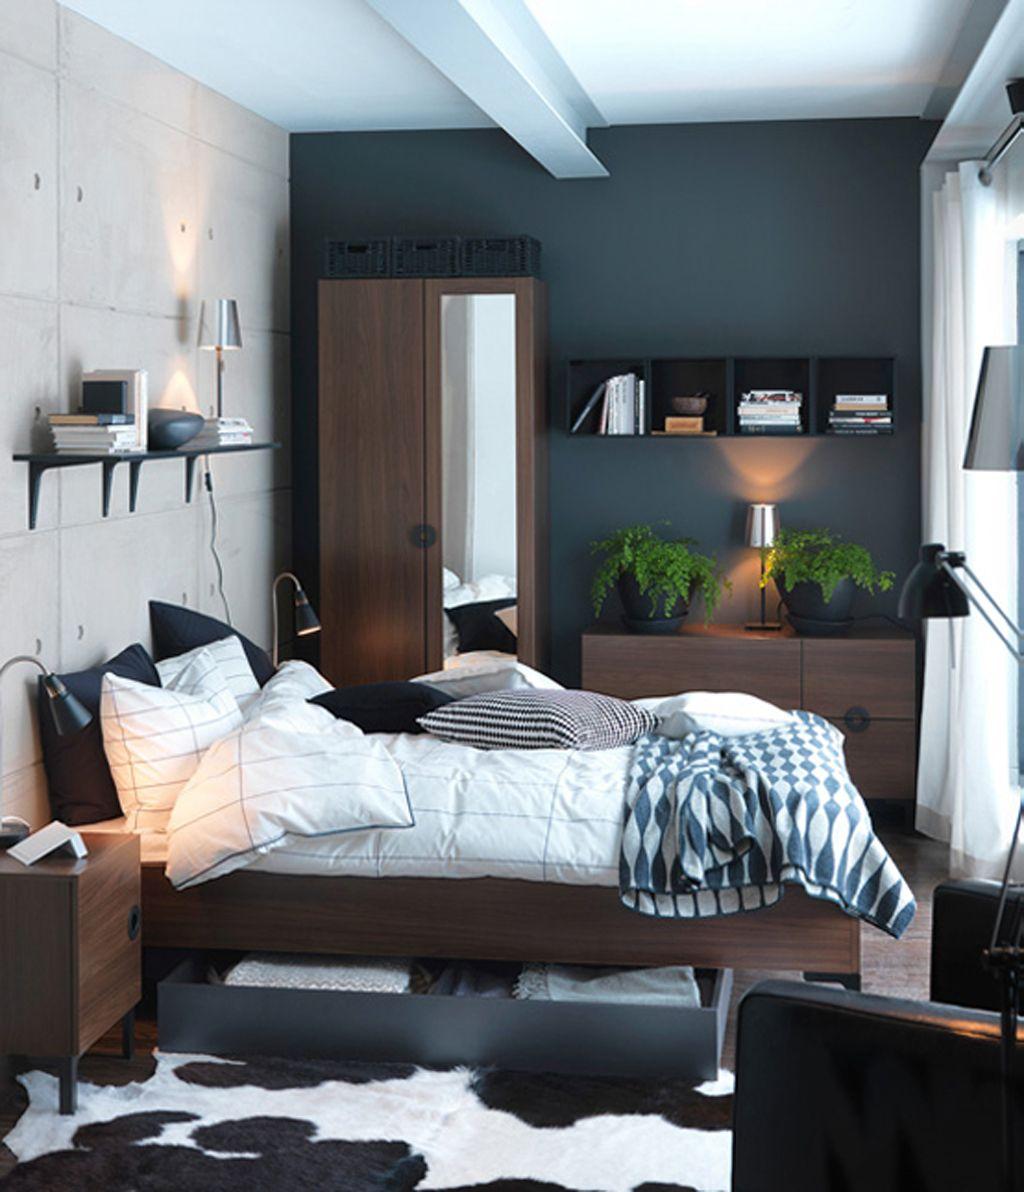 Best Kitchen Gallery: Ikea Bedroom Ideas Ikea Living Room Designs Arhanq Home Ideas of Ikea Design Bedroom  on rachelxblog.com